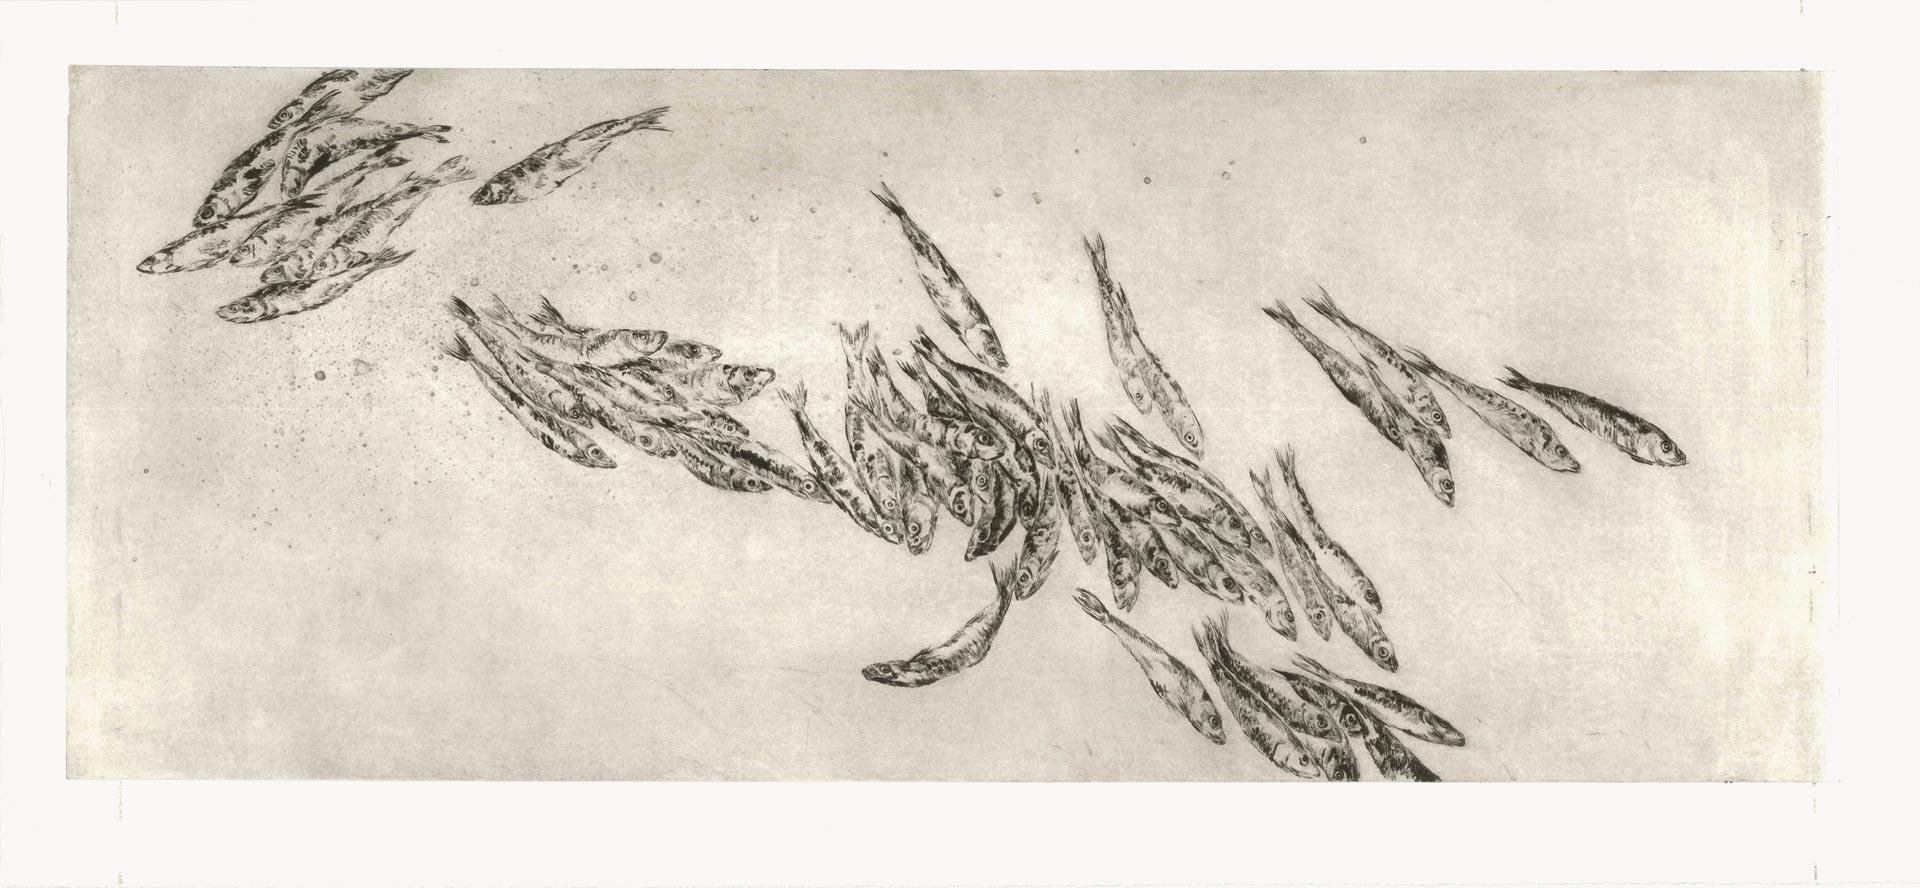 Sardinen (großer Schwarm), 2012, Kaltnadelradierung, 40 x 100 cm